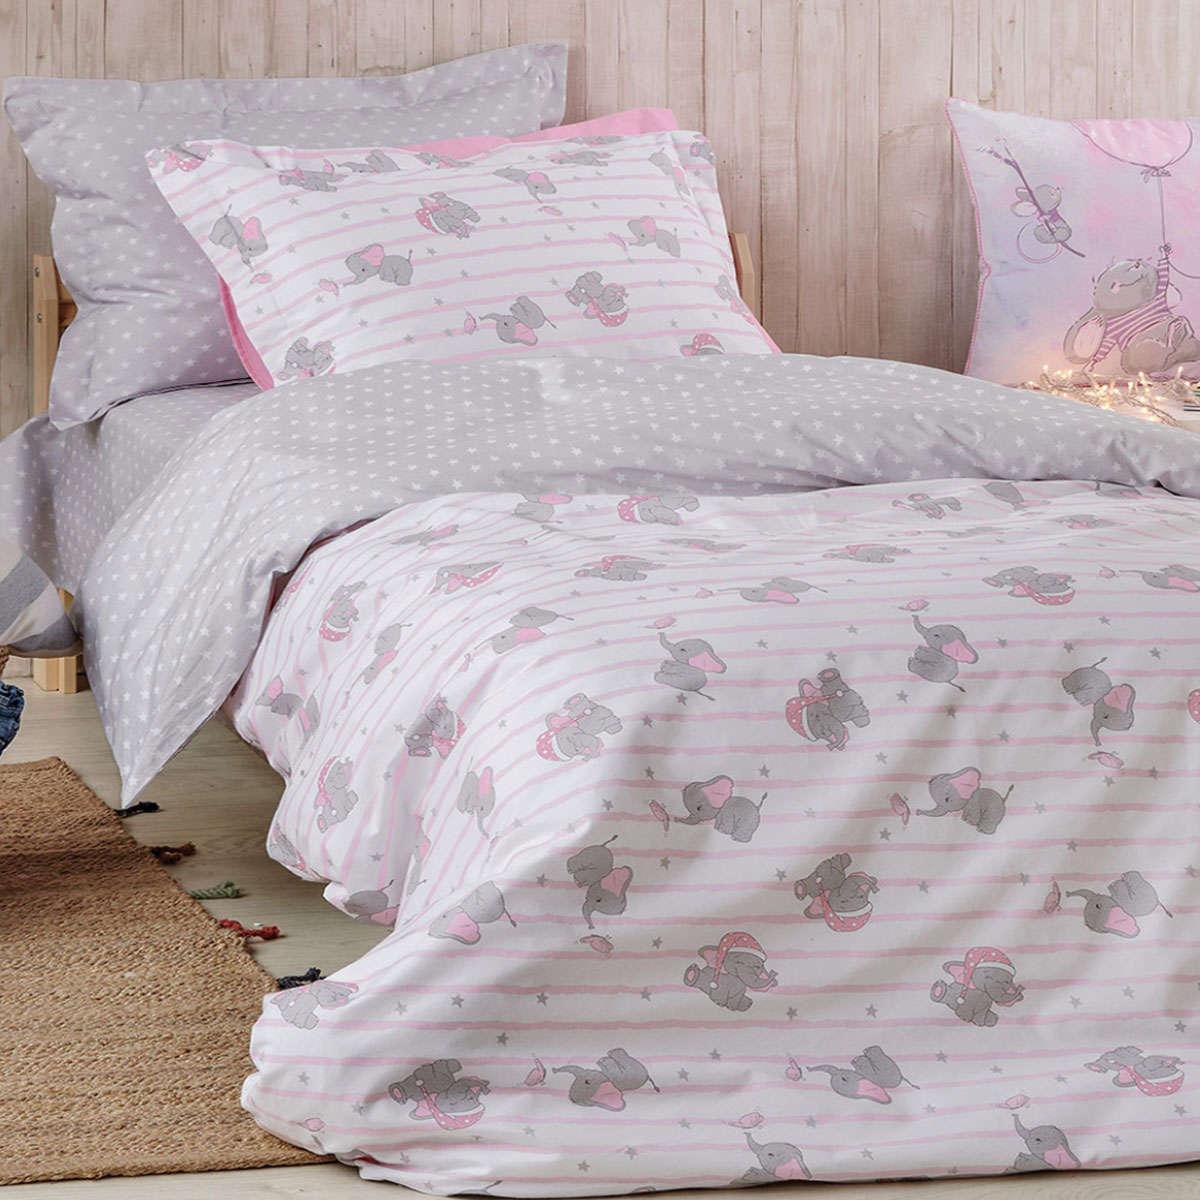 Παιδική Μαξιλαροθήκη Pinky White-Pink Kentia 50Χ70 50x70cm